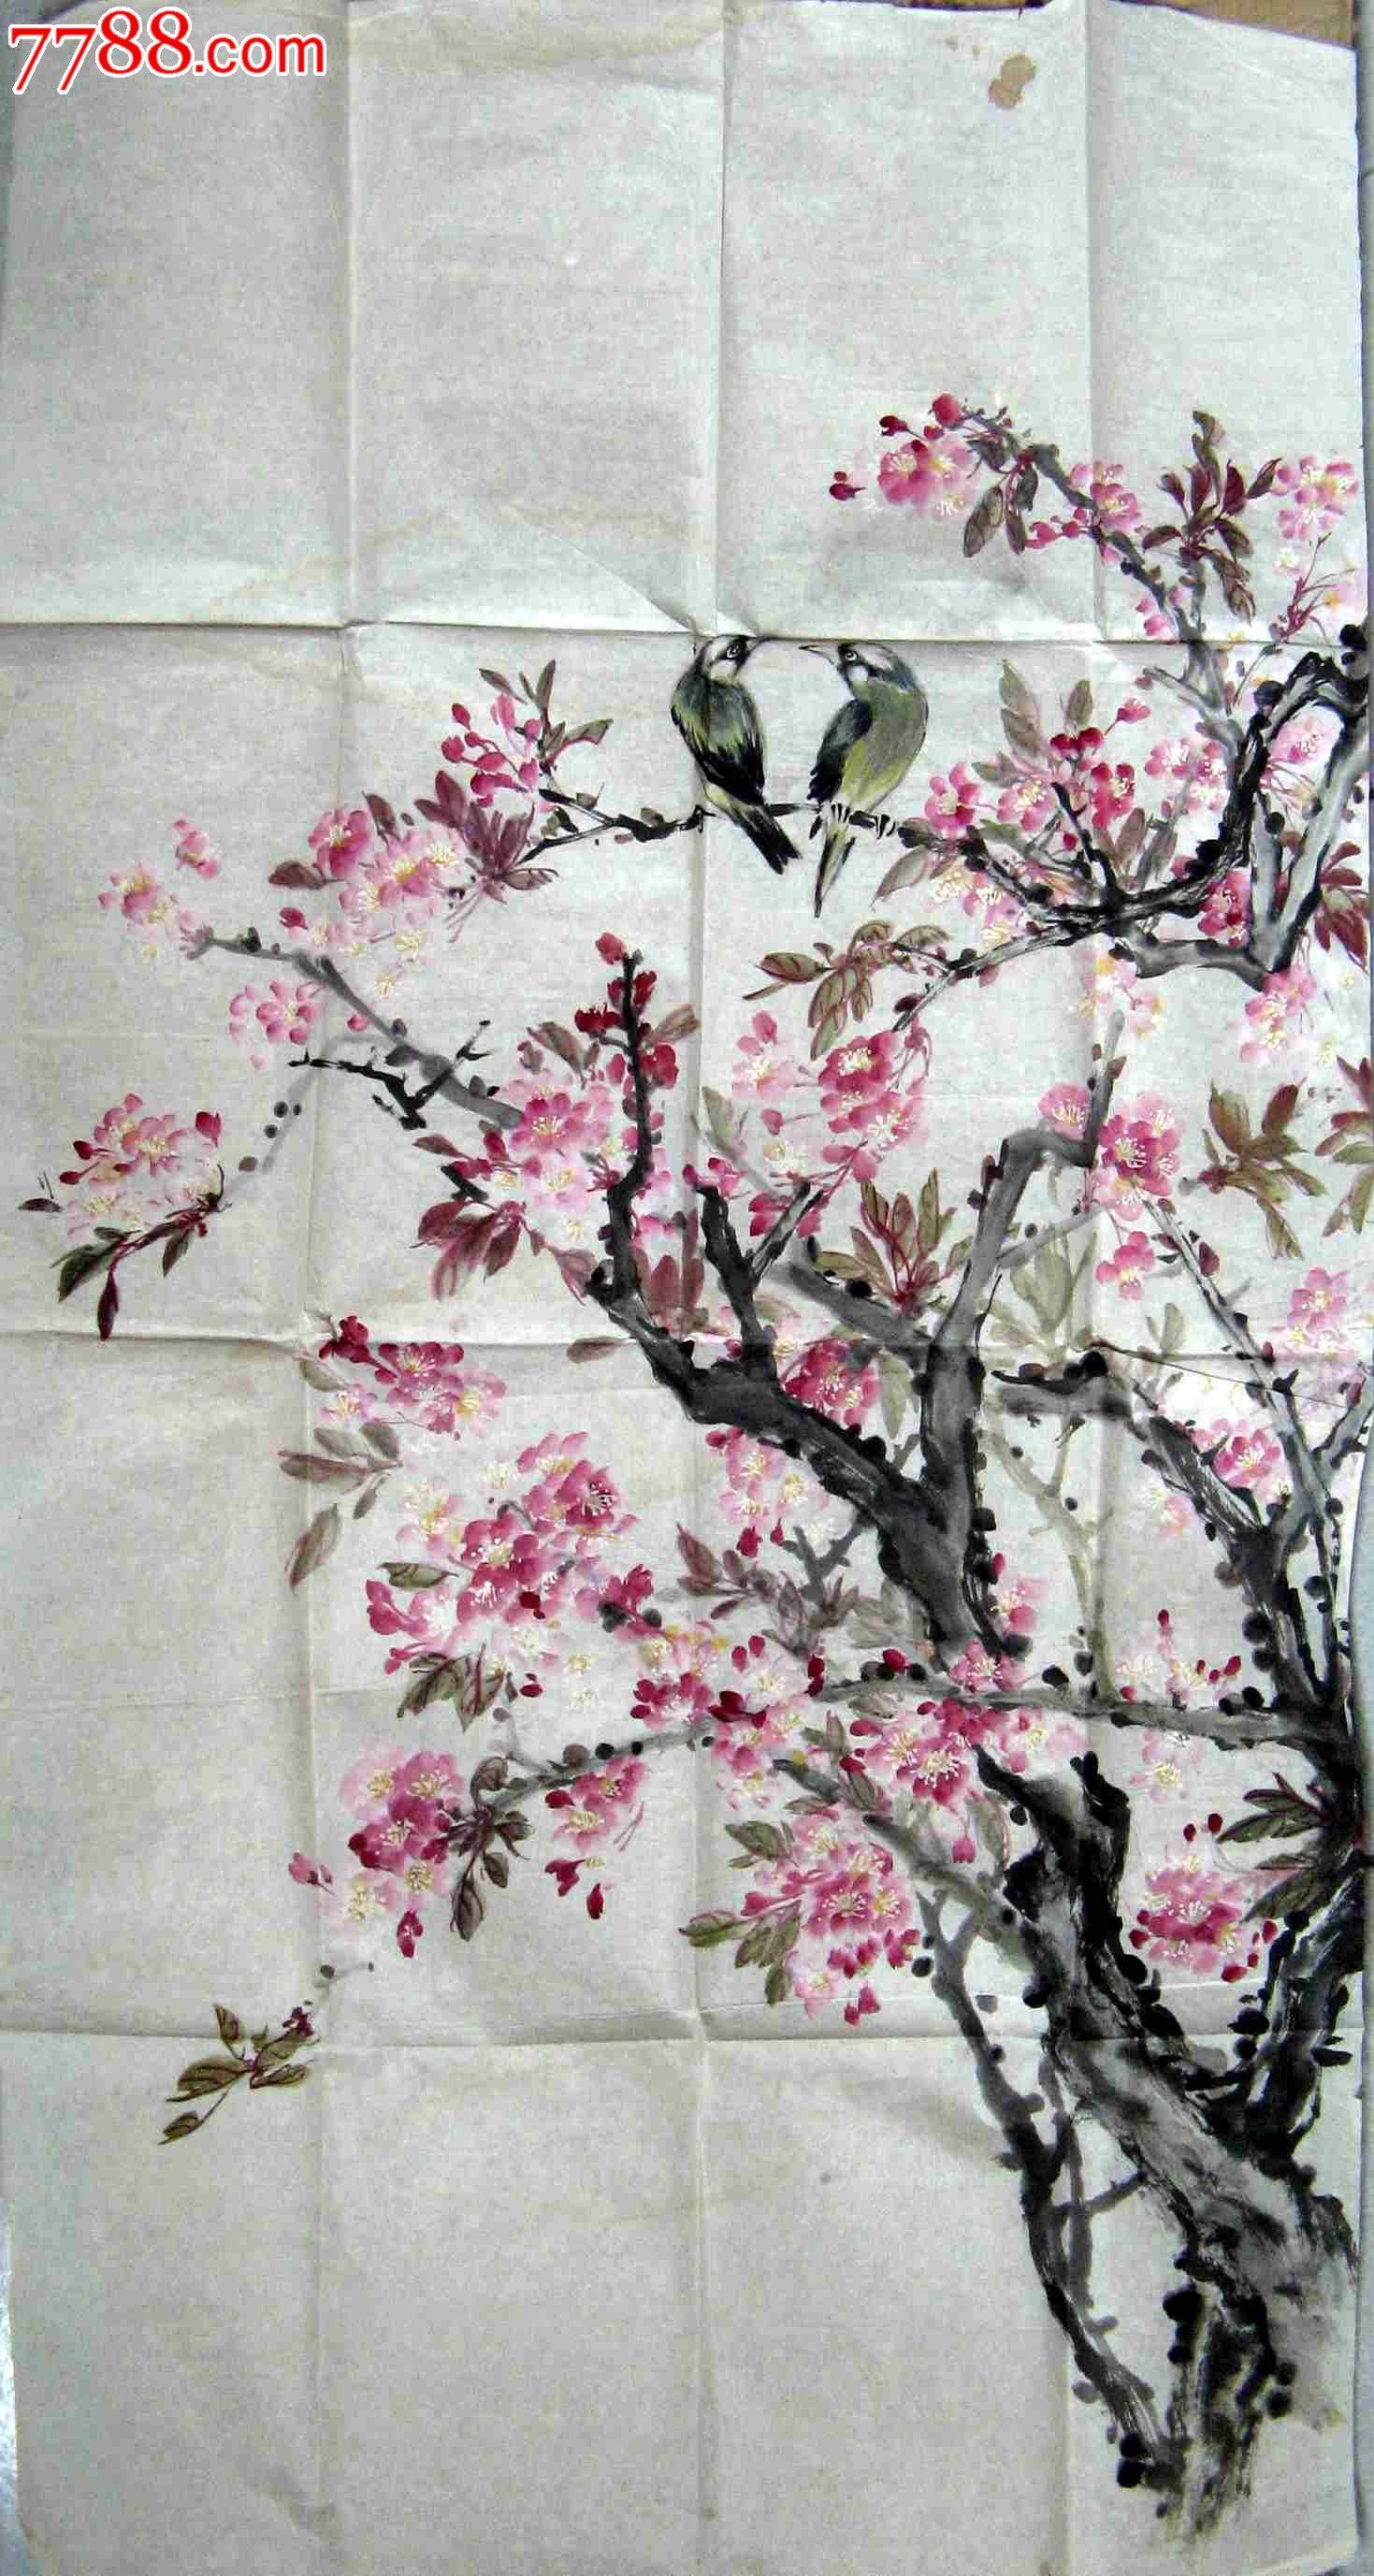 清秀明丽的三尺条幅无款桃花双鸟画